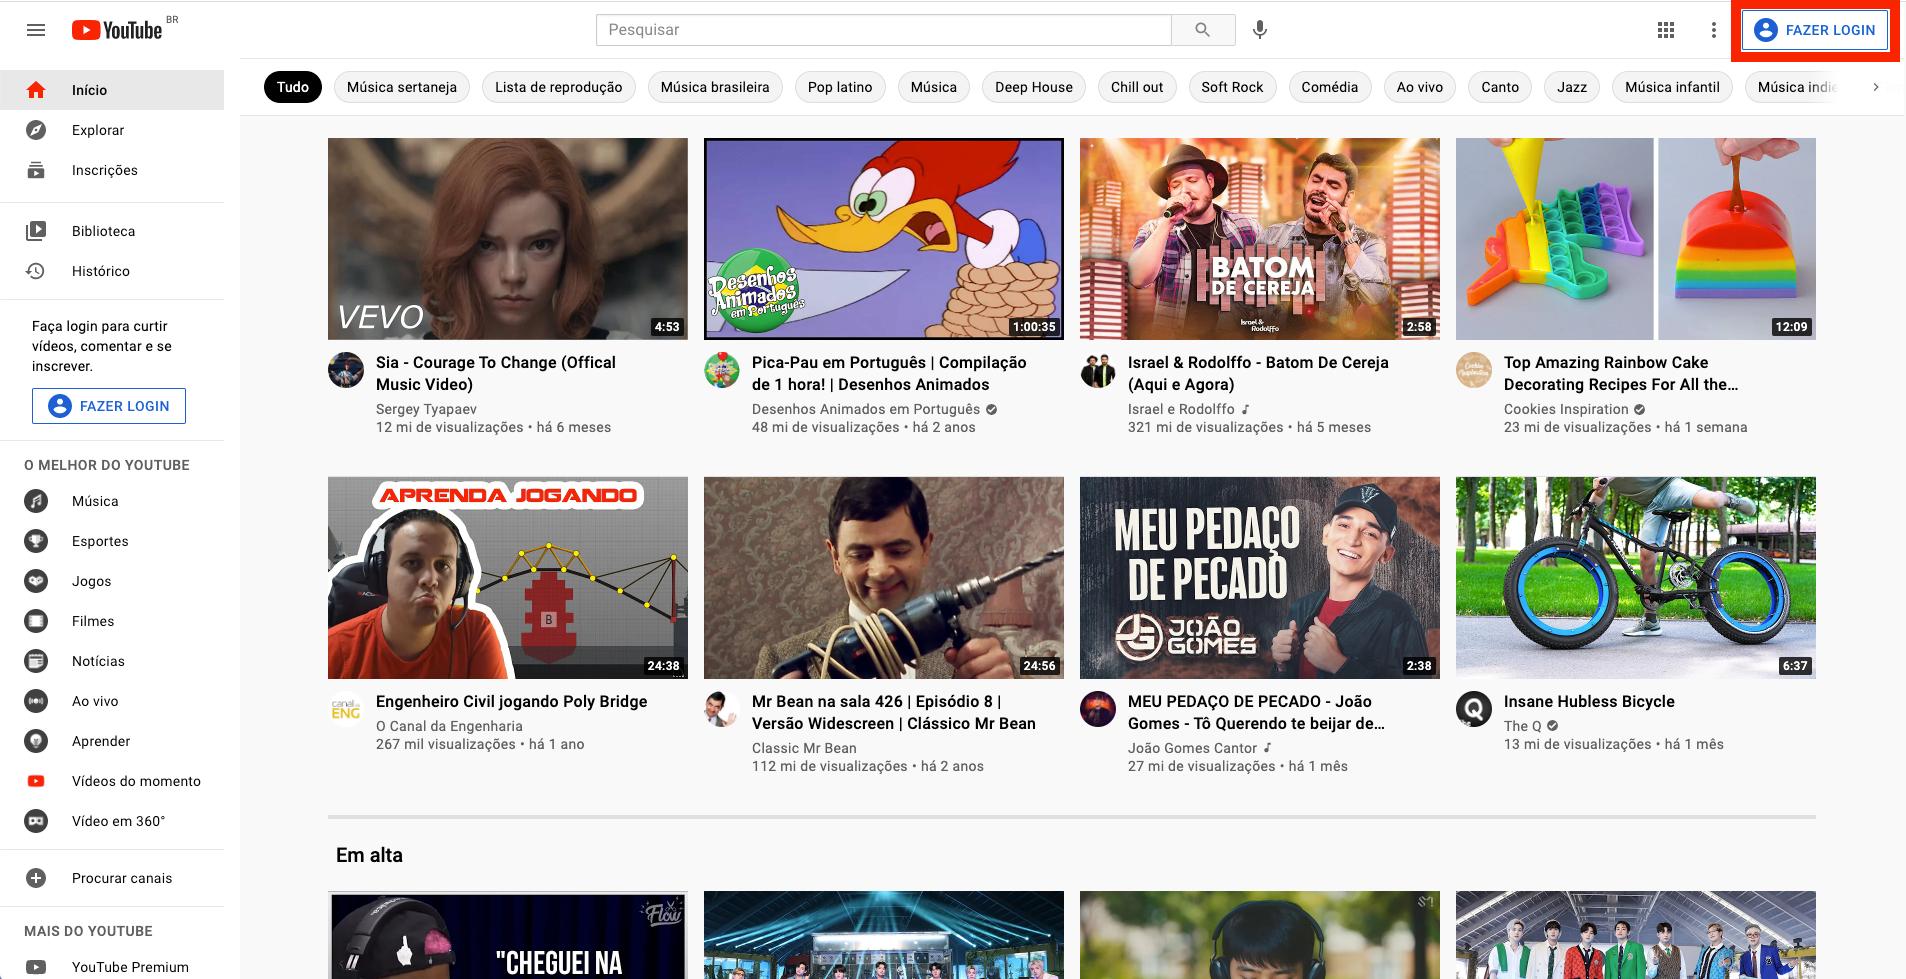 Captura de tela do YouTube. Página inicial com botão 'Fazer login' destacado por uma borda vermelha. O botão está posicionado na área superior direita da tela